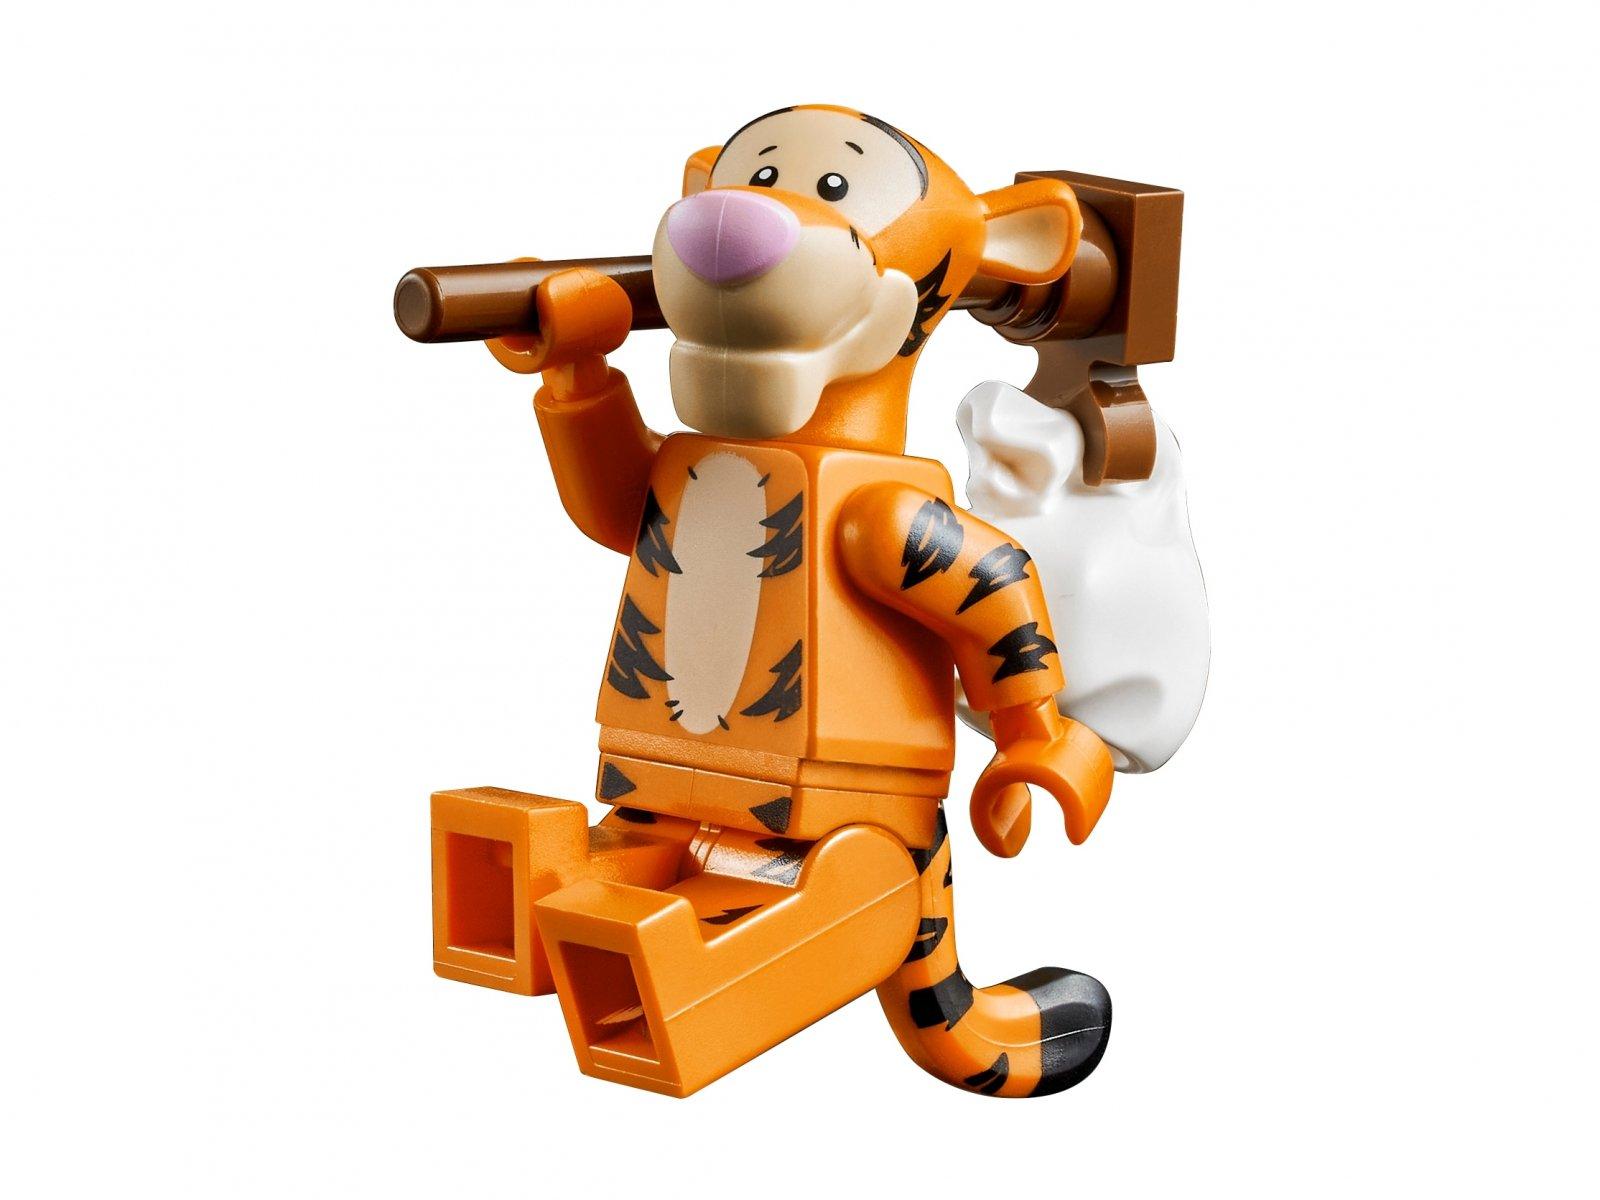 LEGO Ideas 21326 Kubuś Puchatek